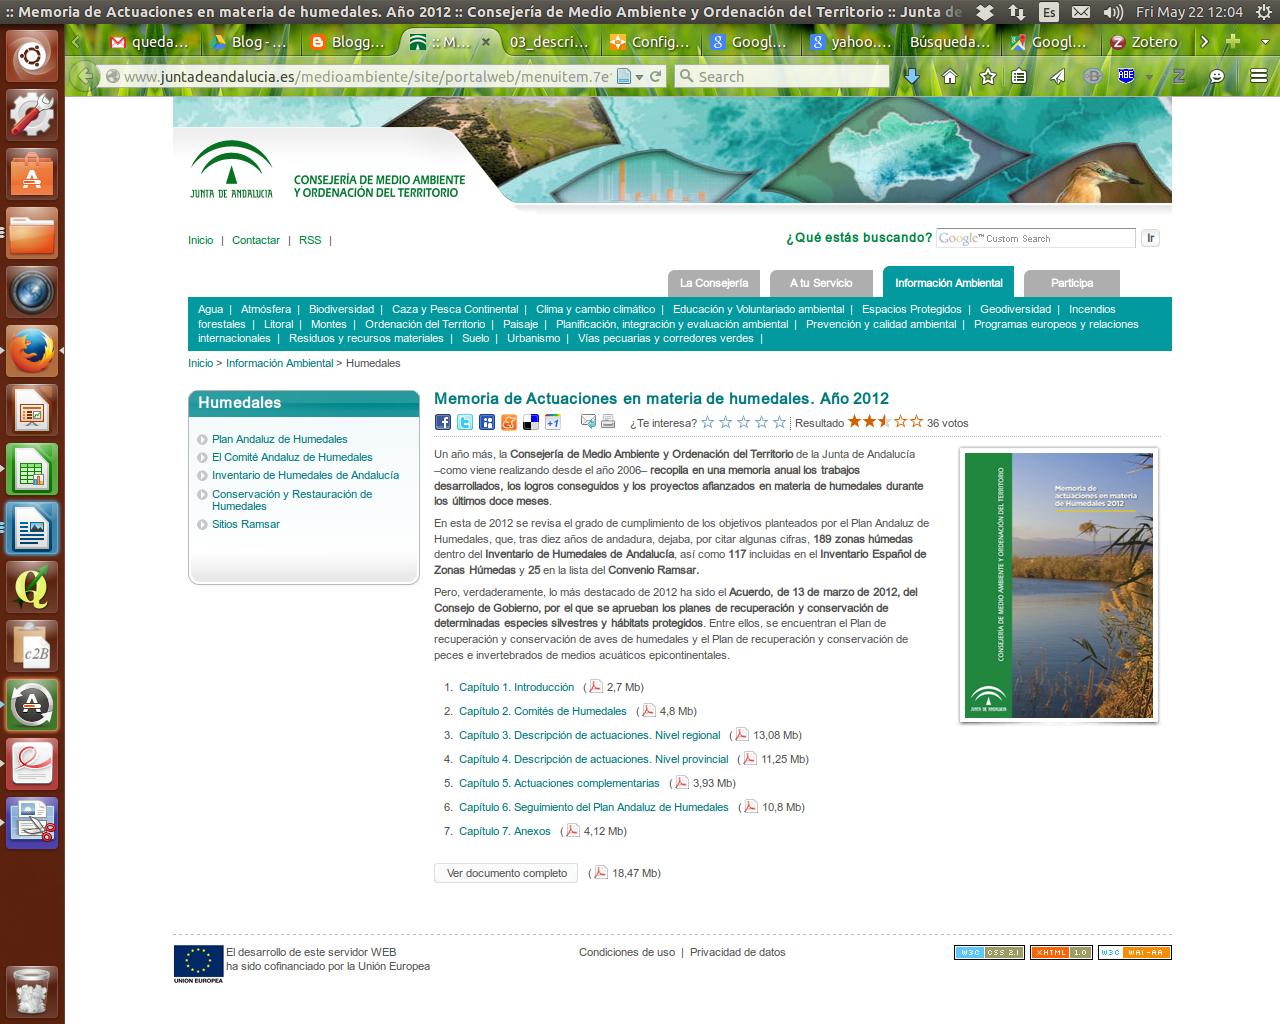 Memoria de Actuaciones en materia de humedales. Año 2012